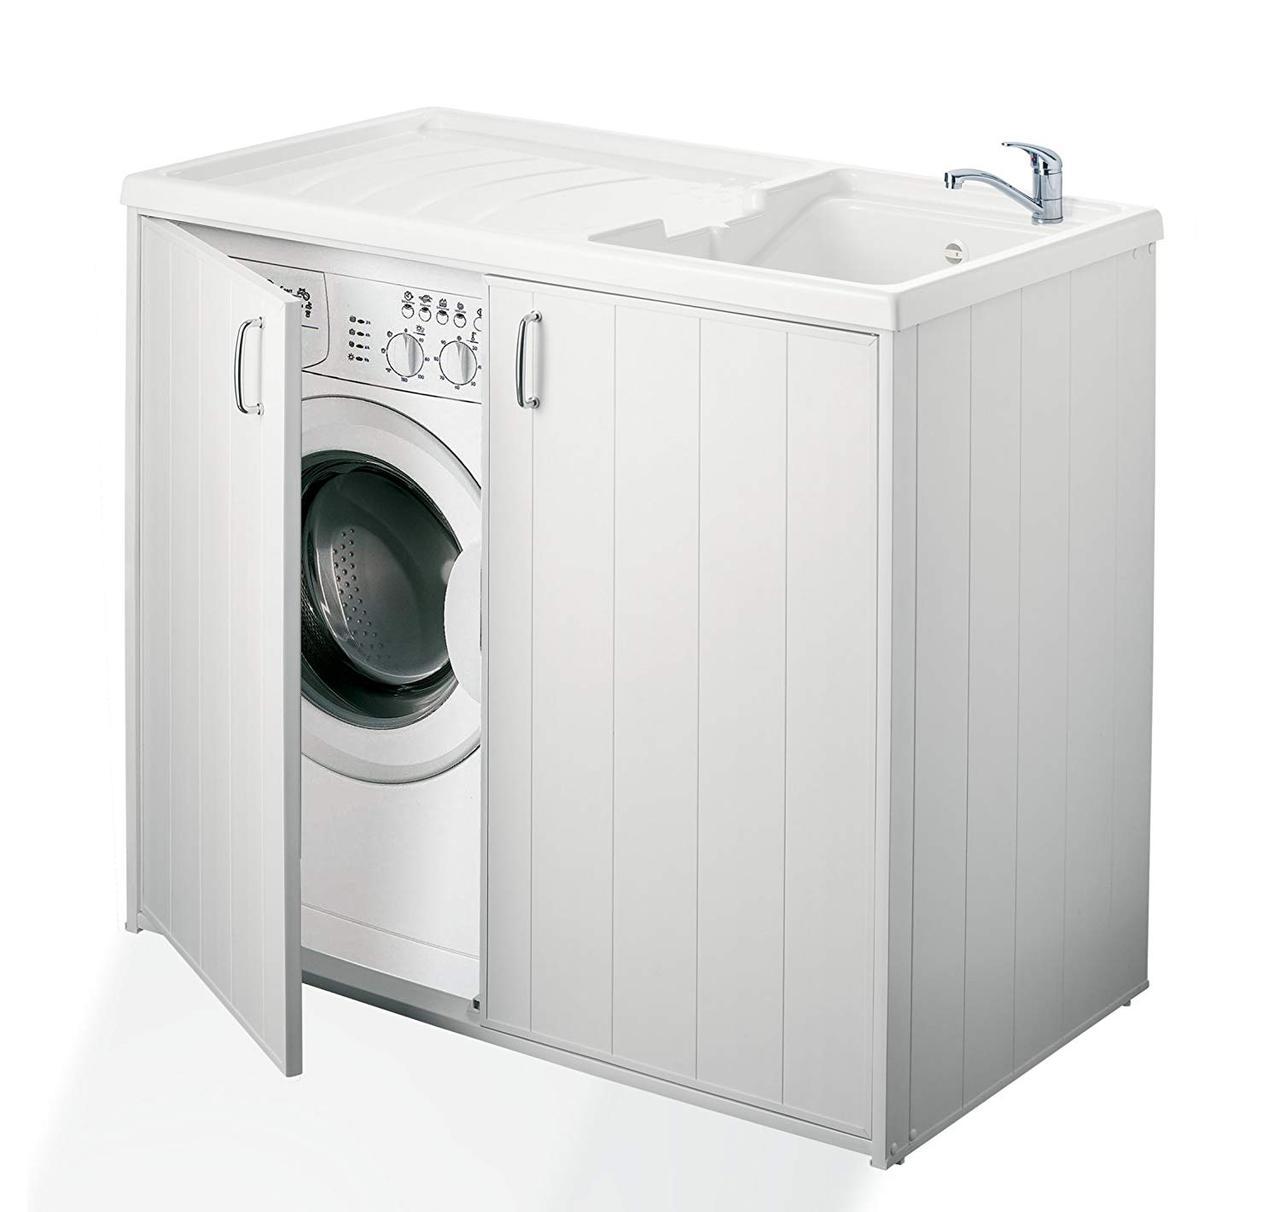 Шкаф для стиральной машины и умывальника - Negrari 6008SPPLK